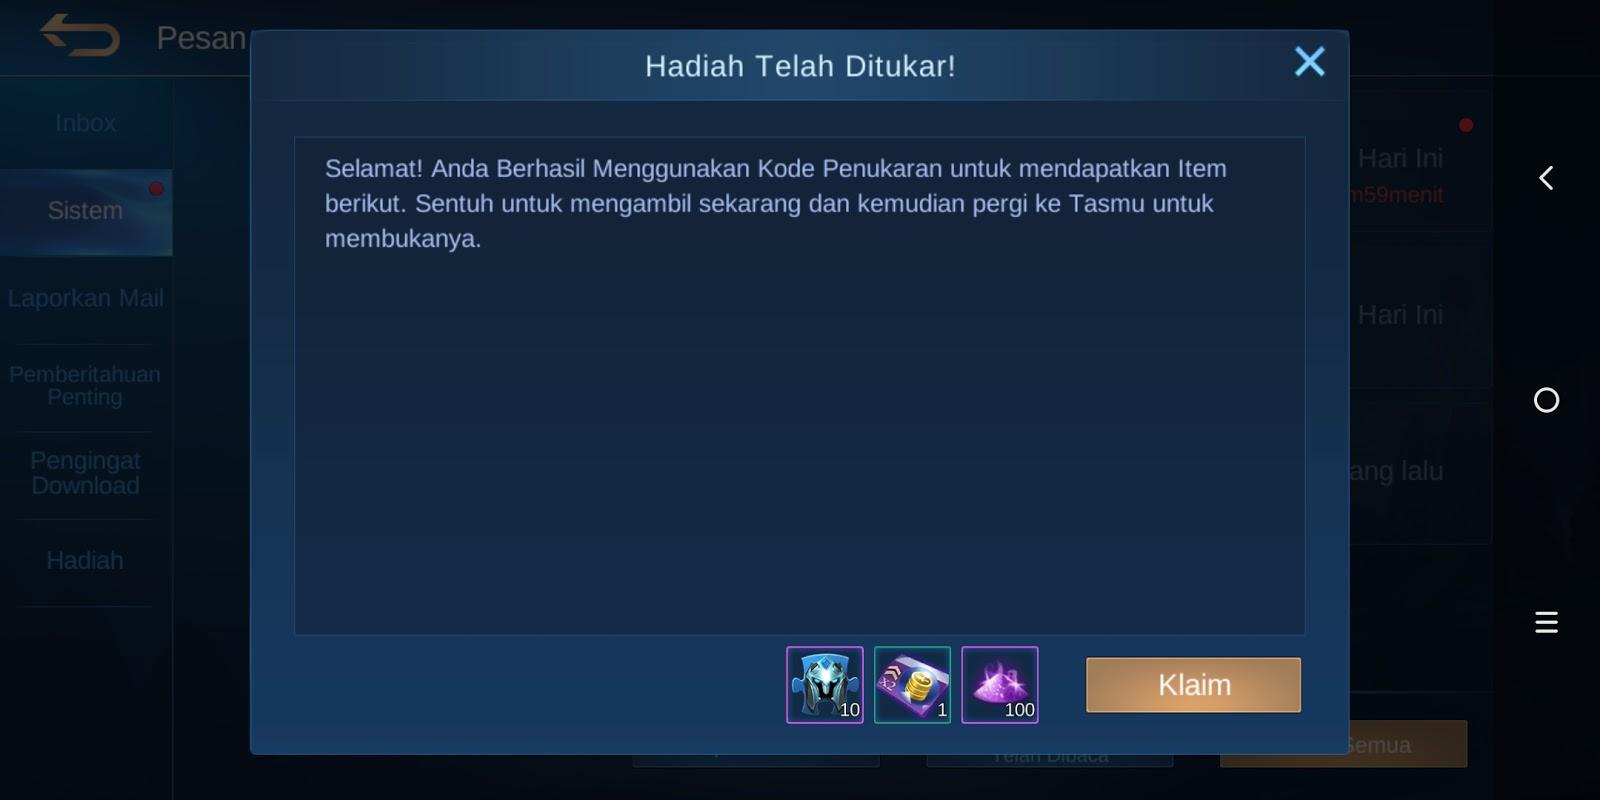 Kode Redeem Hadiah Mobile Legends Terbaru